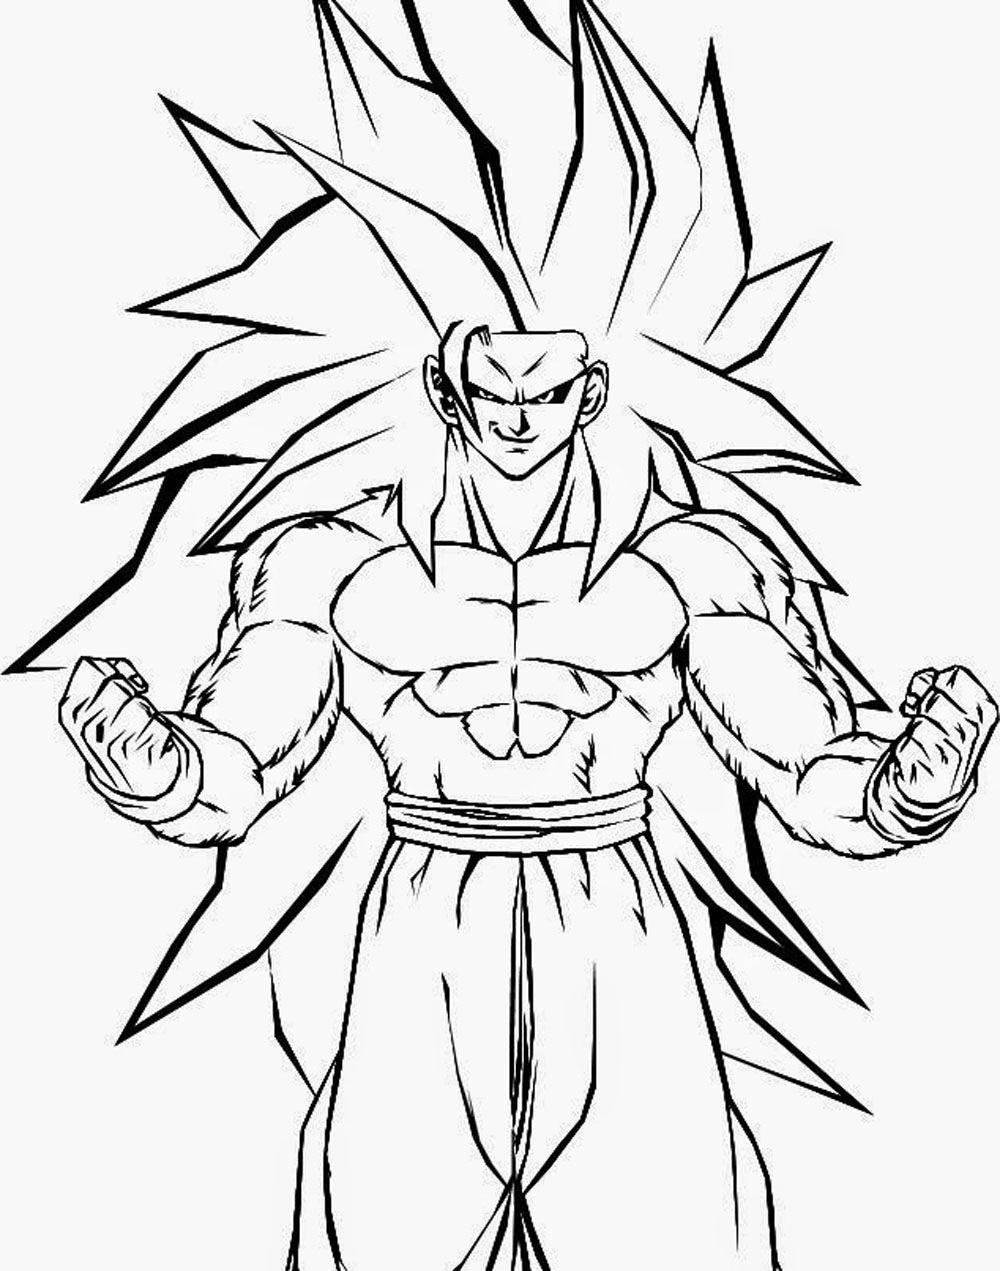 Dibujo De Kakaroto Son Goku Fase 3 Con El Pelo Largo Para Iluminar Y